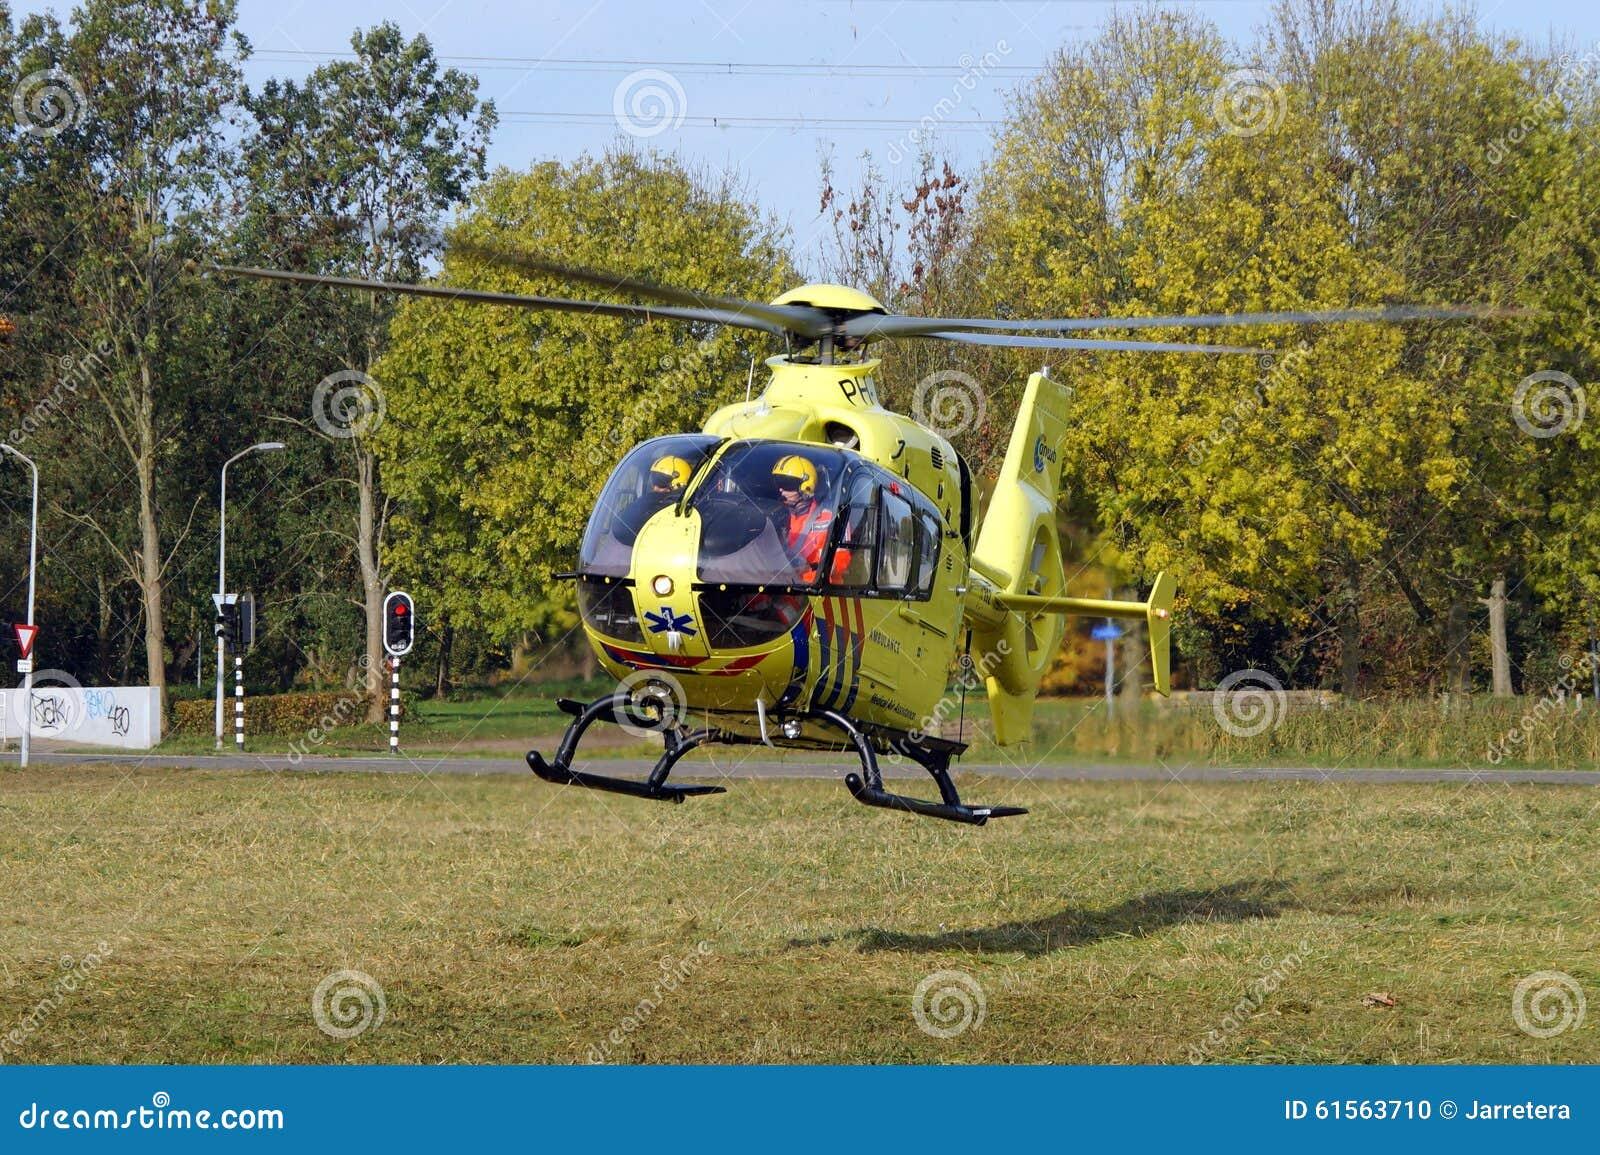 Ambulance Helicopter Dutch Lifeliner 1 Eurocopter Medevac